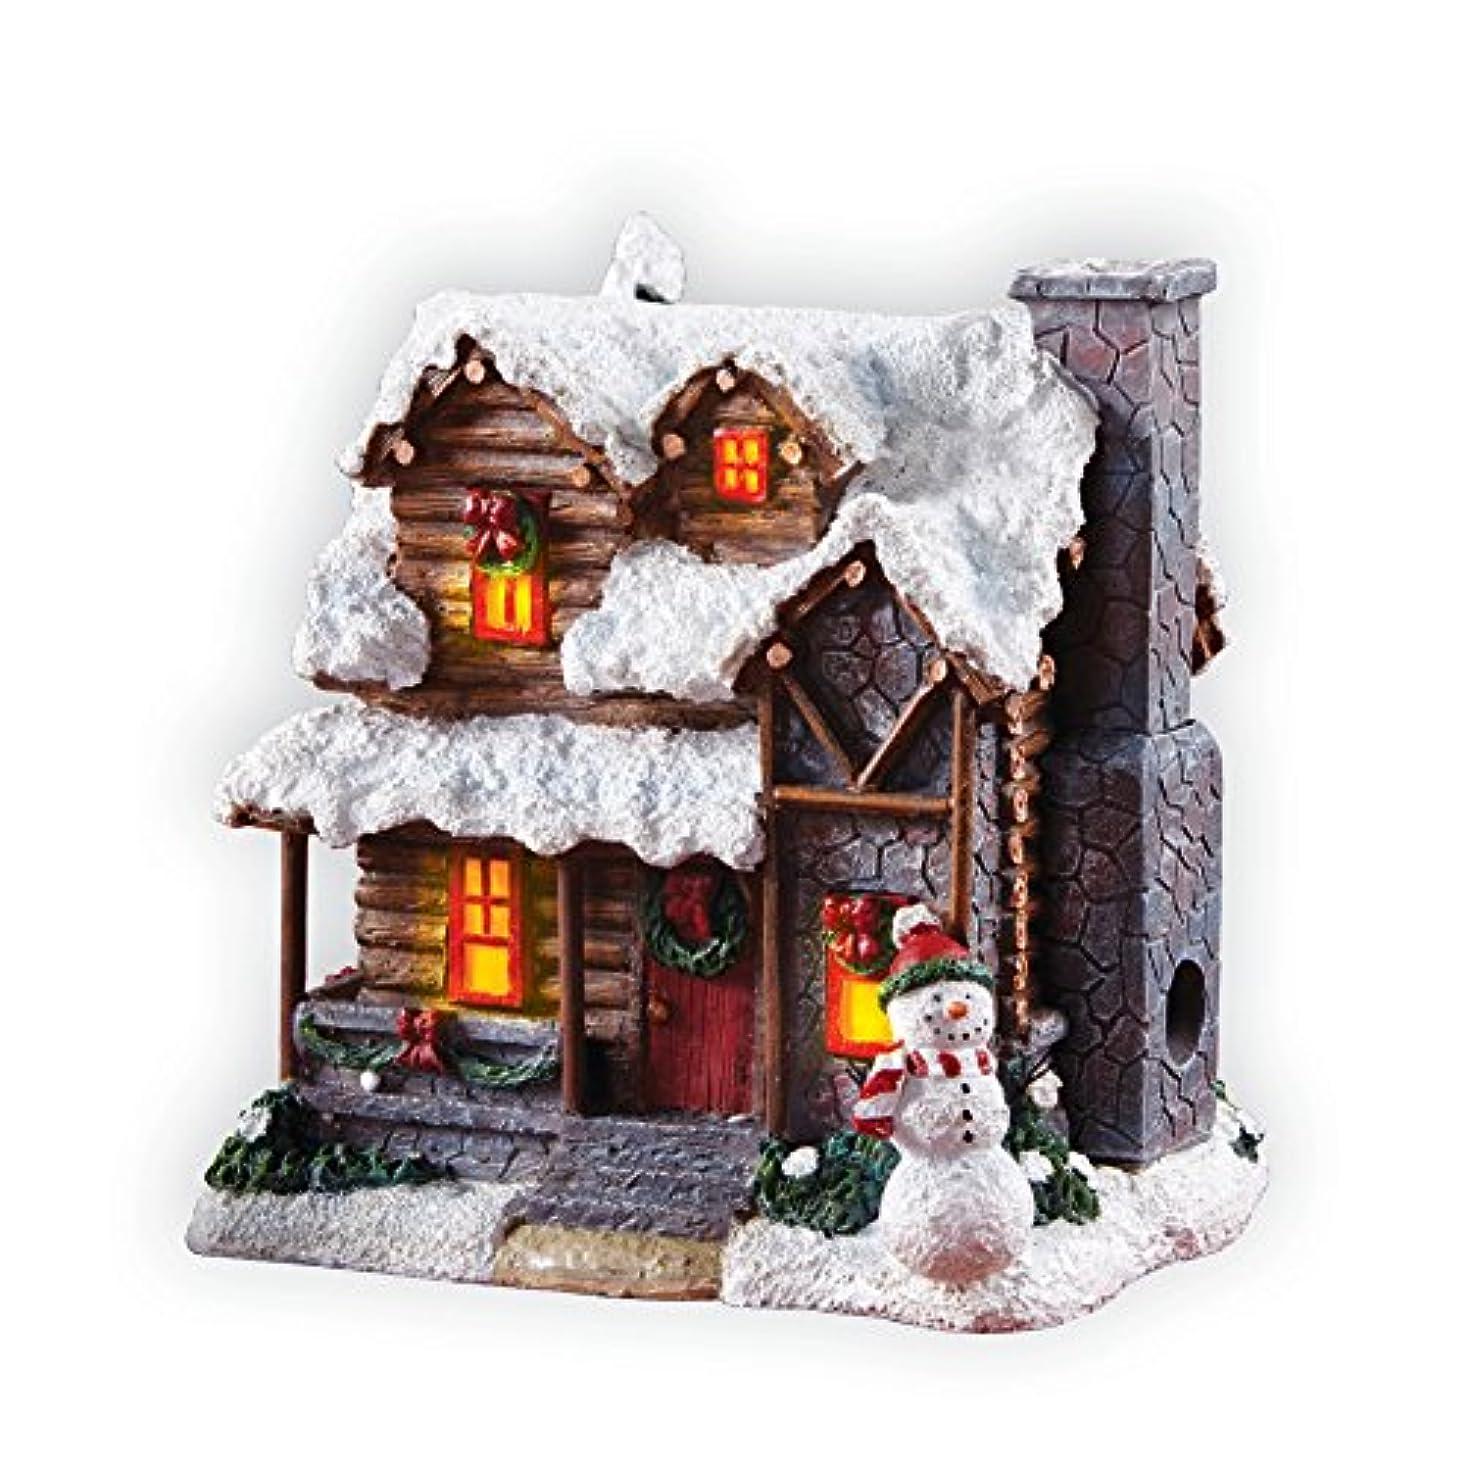 崩壊プログラム曇ったSmoking Country Christmas Village Cabin Incense House